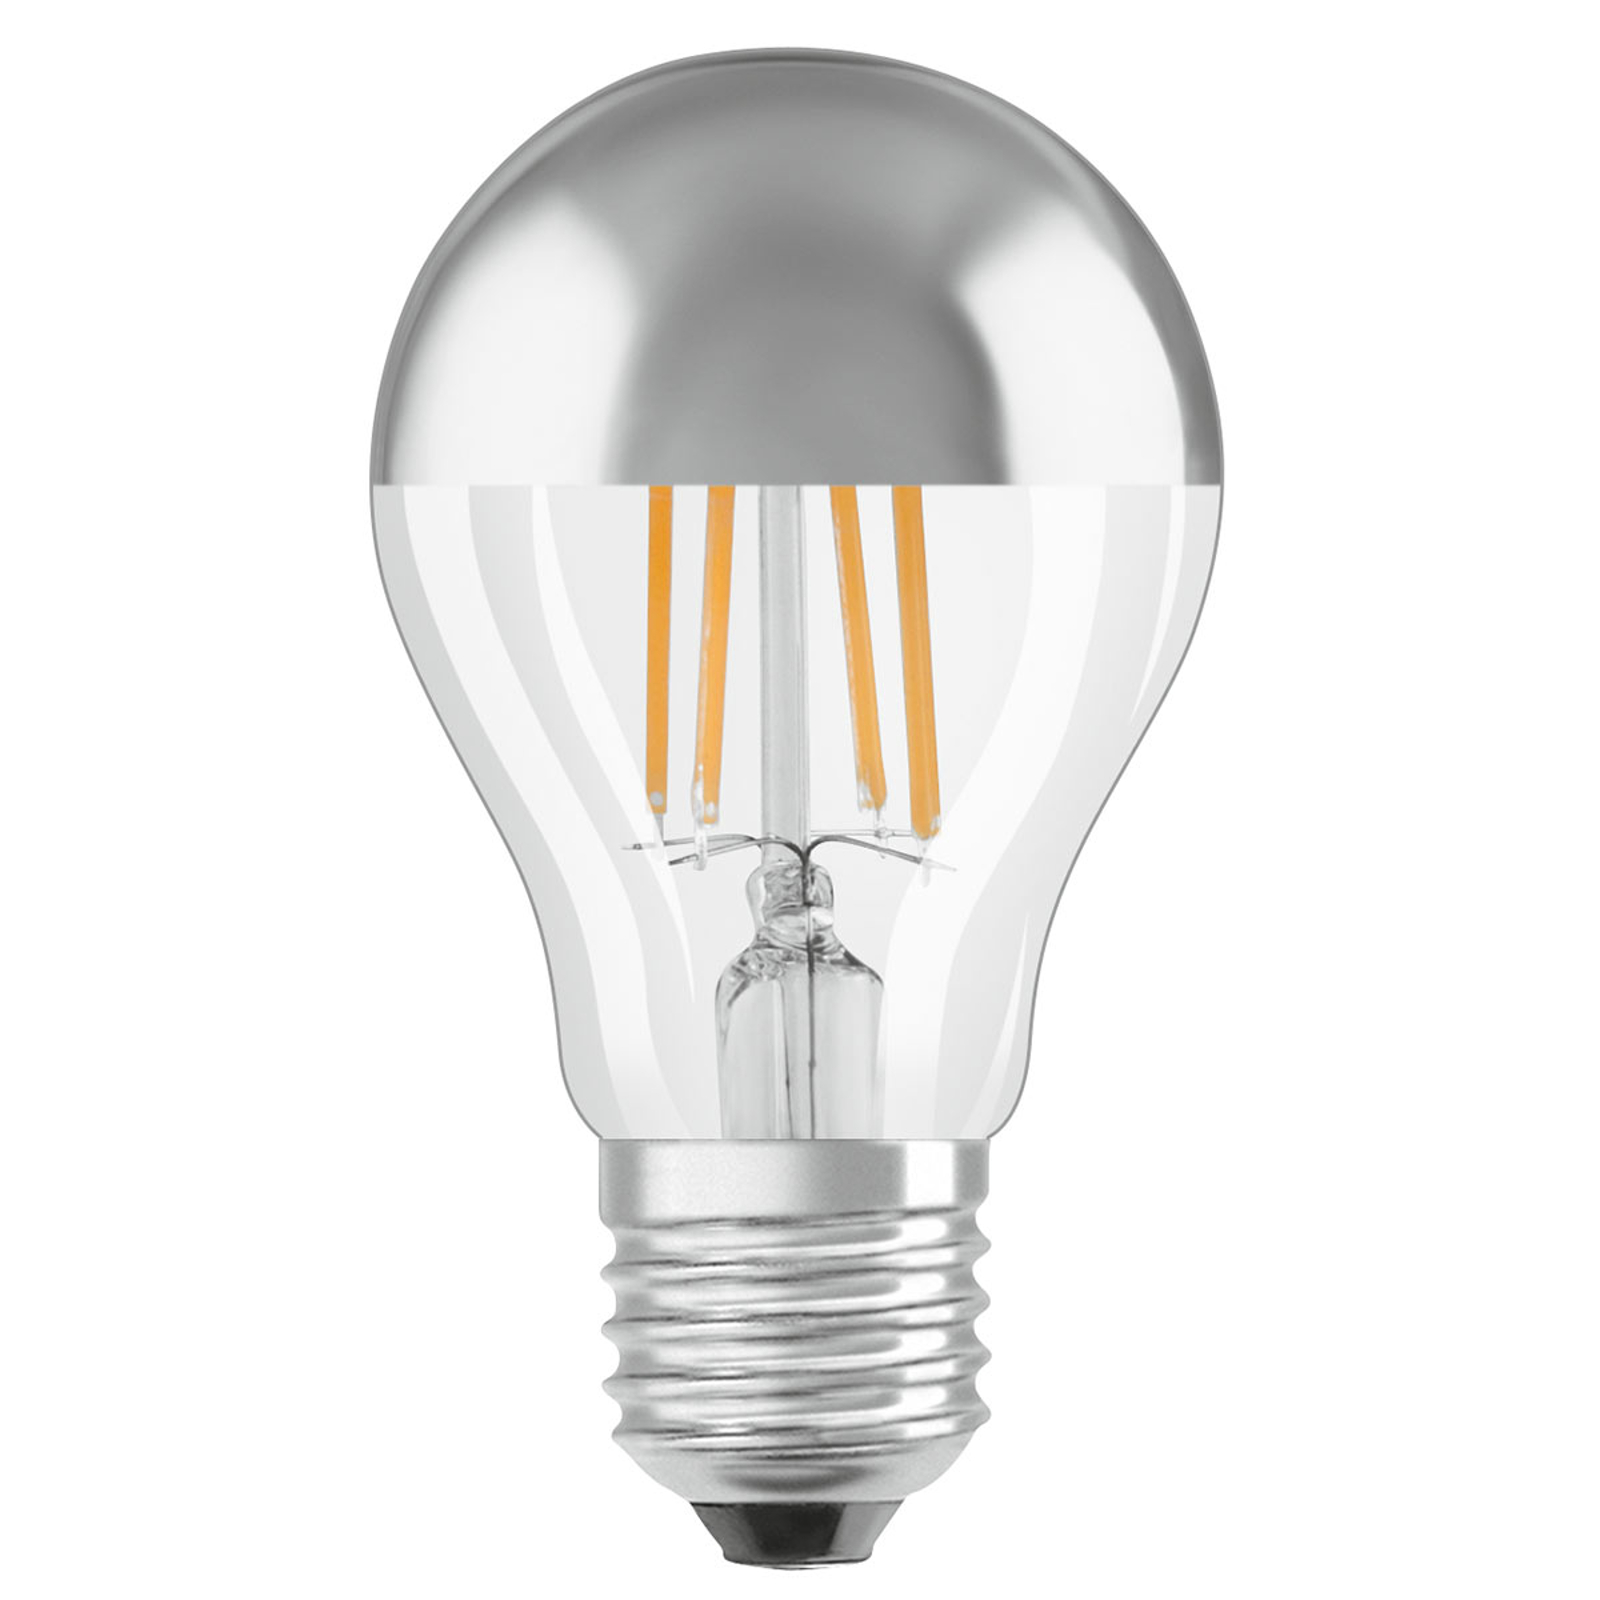 OSRAM-LED-lamppu E27 Mirror silver 4W 2 700 K